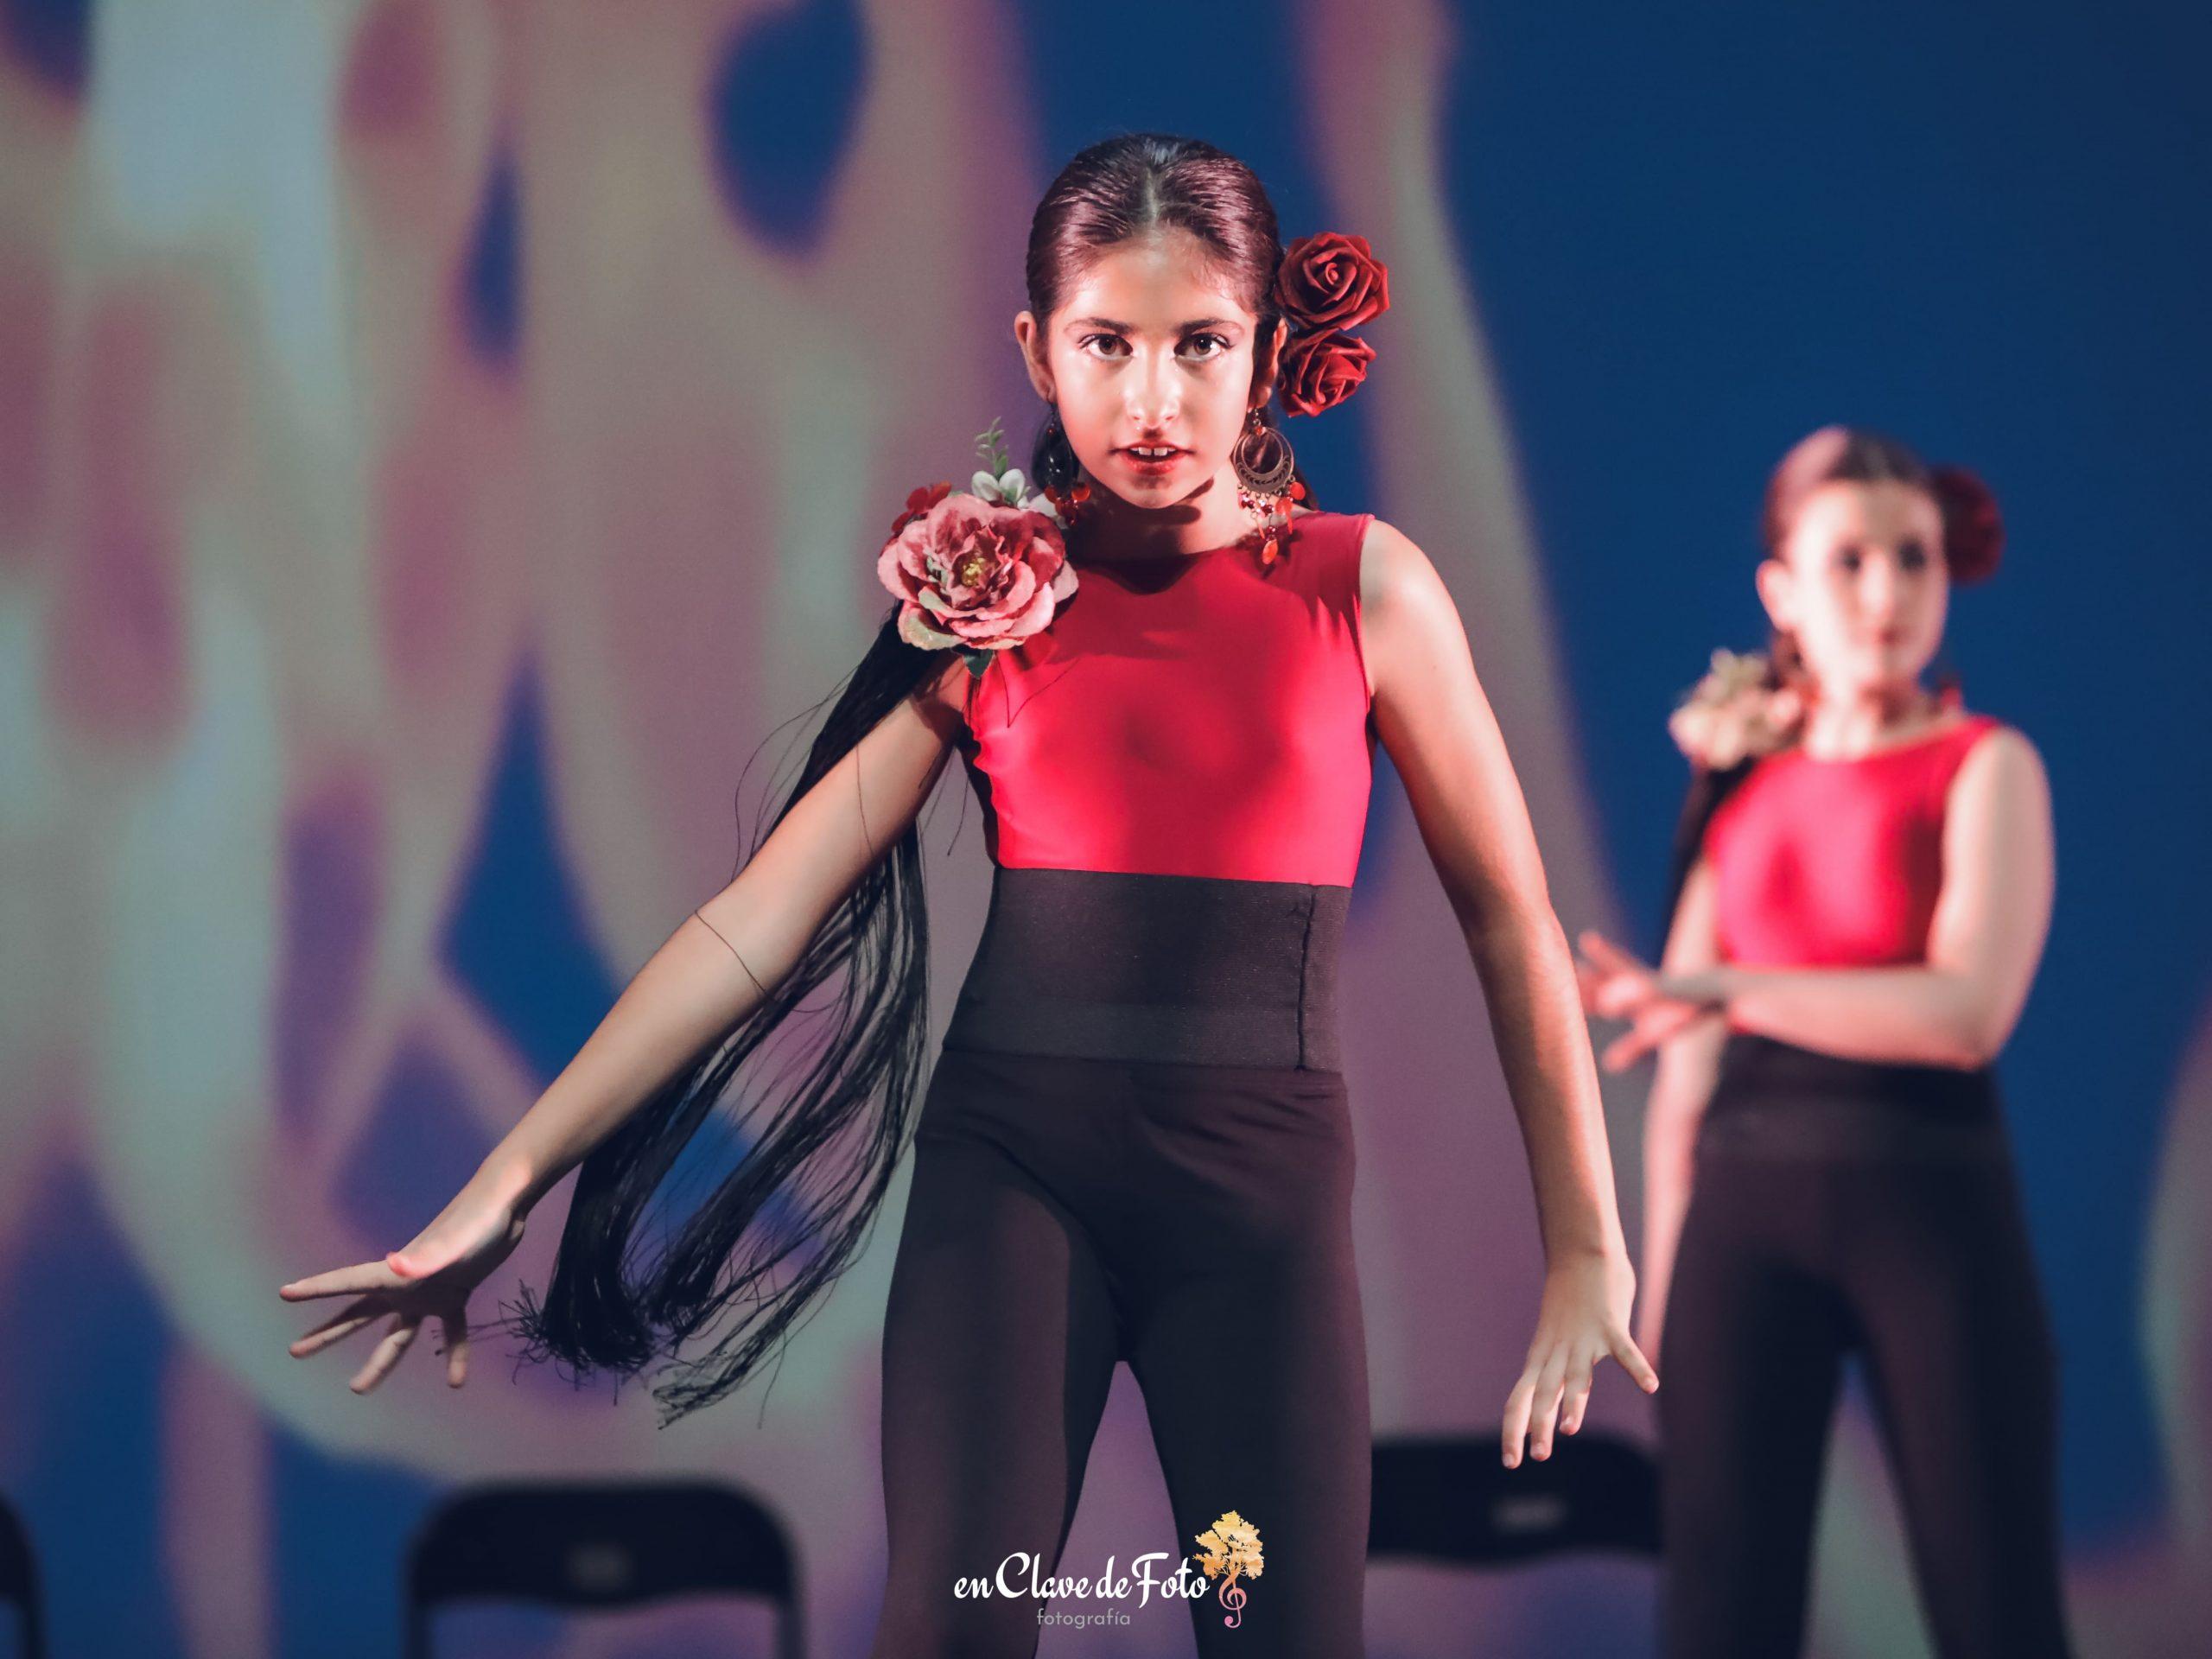 danza concha niñas ballet